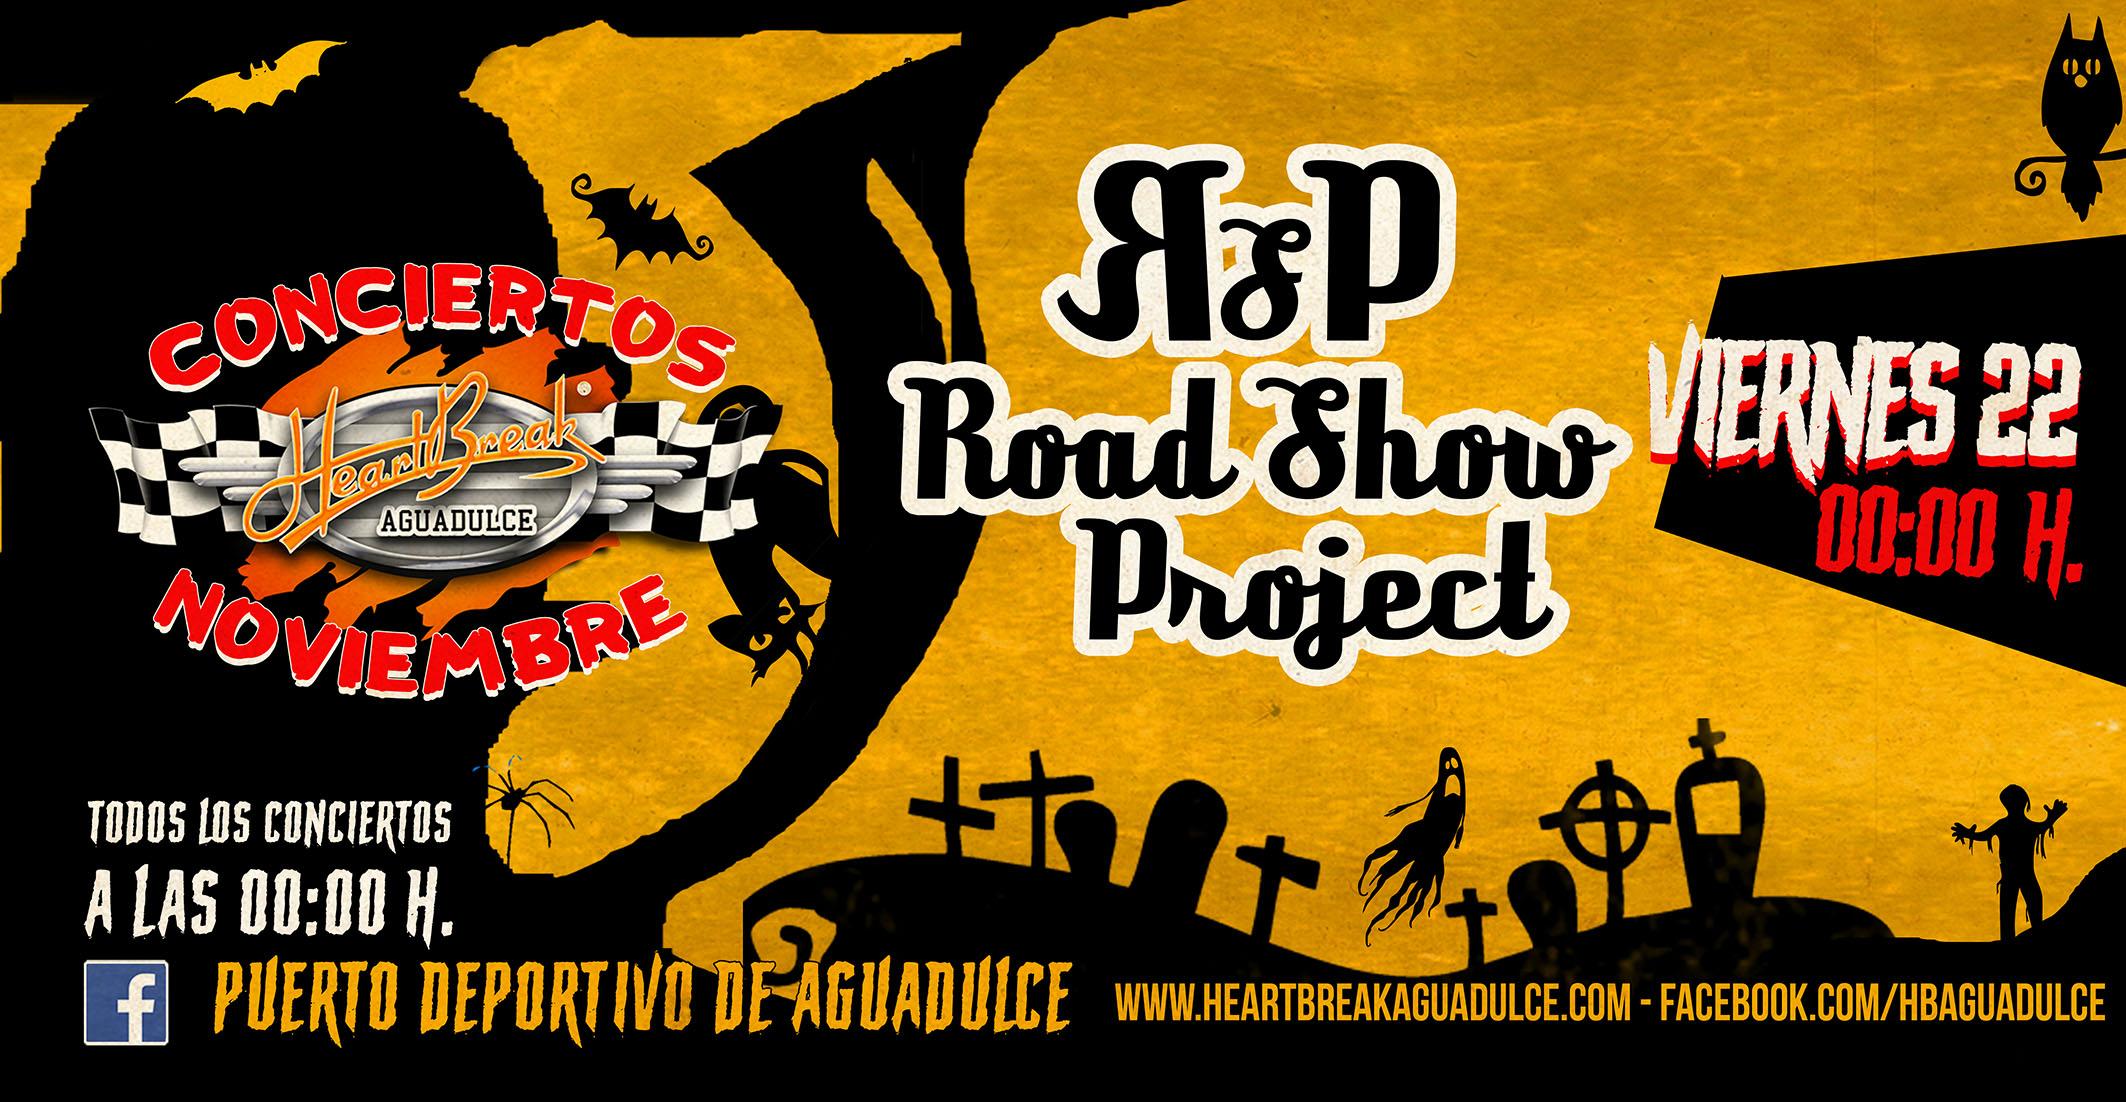 Concierto de Road Show Proyect